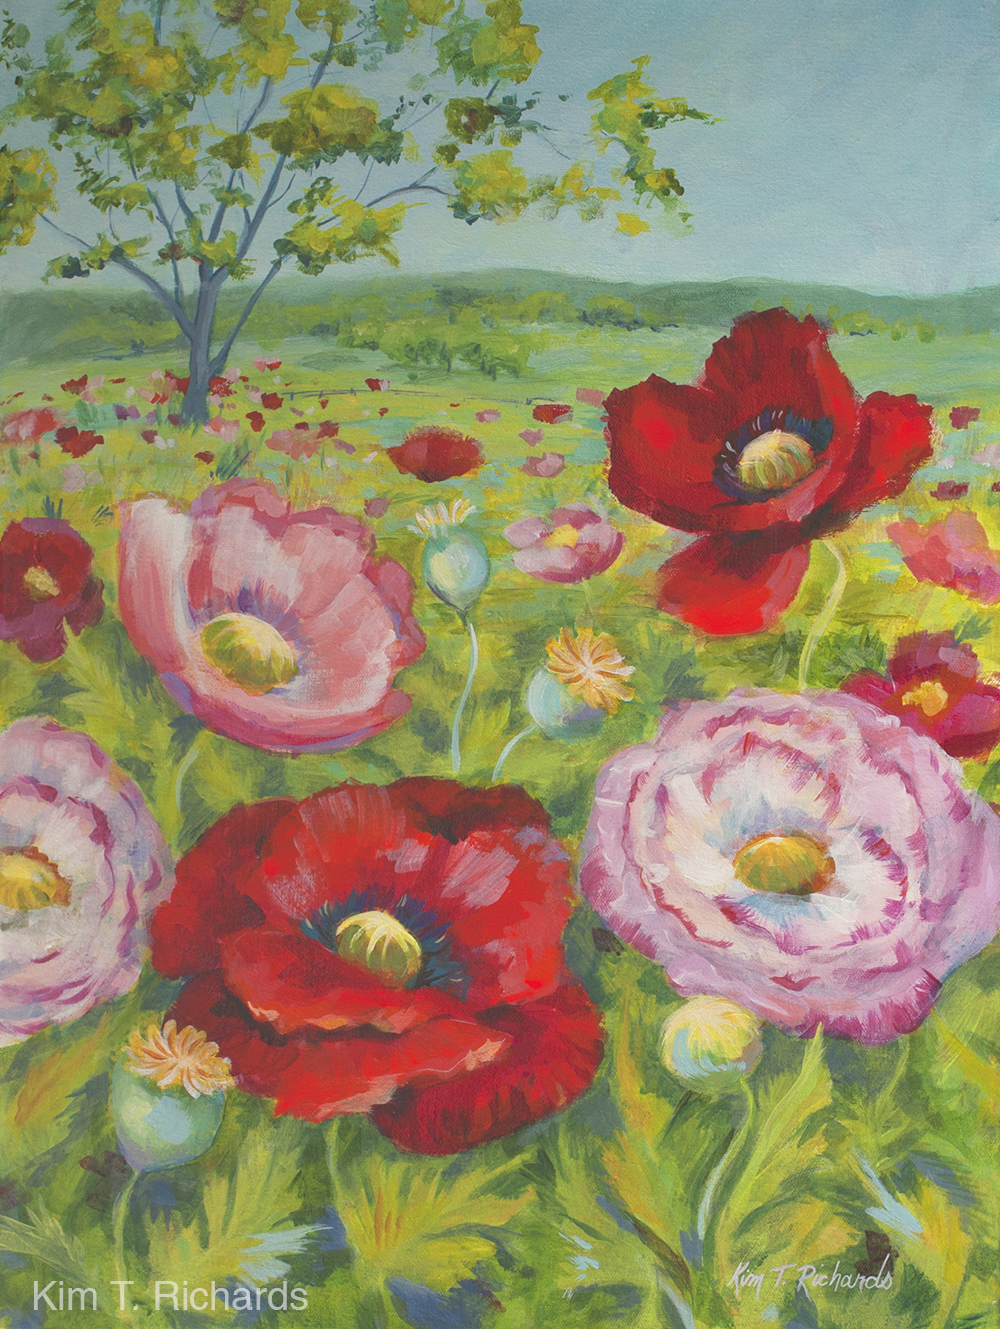 """An Abundance of Riches 18x124"""" Acrylic on canvas. Available $550"""